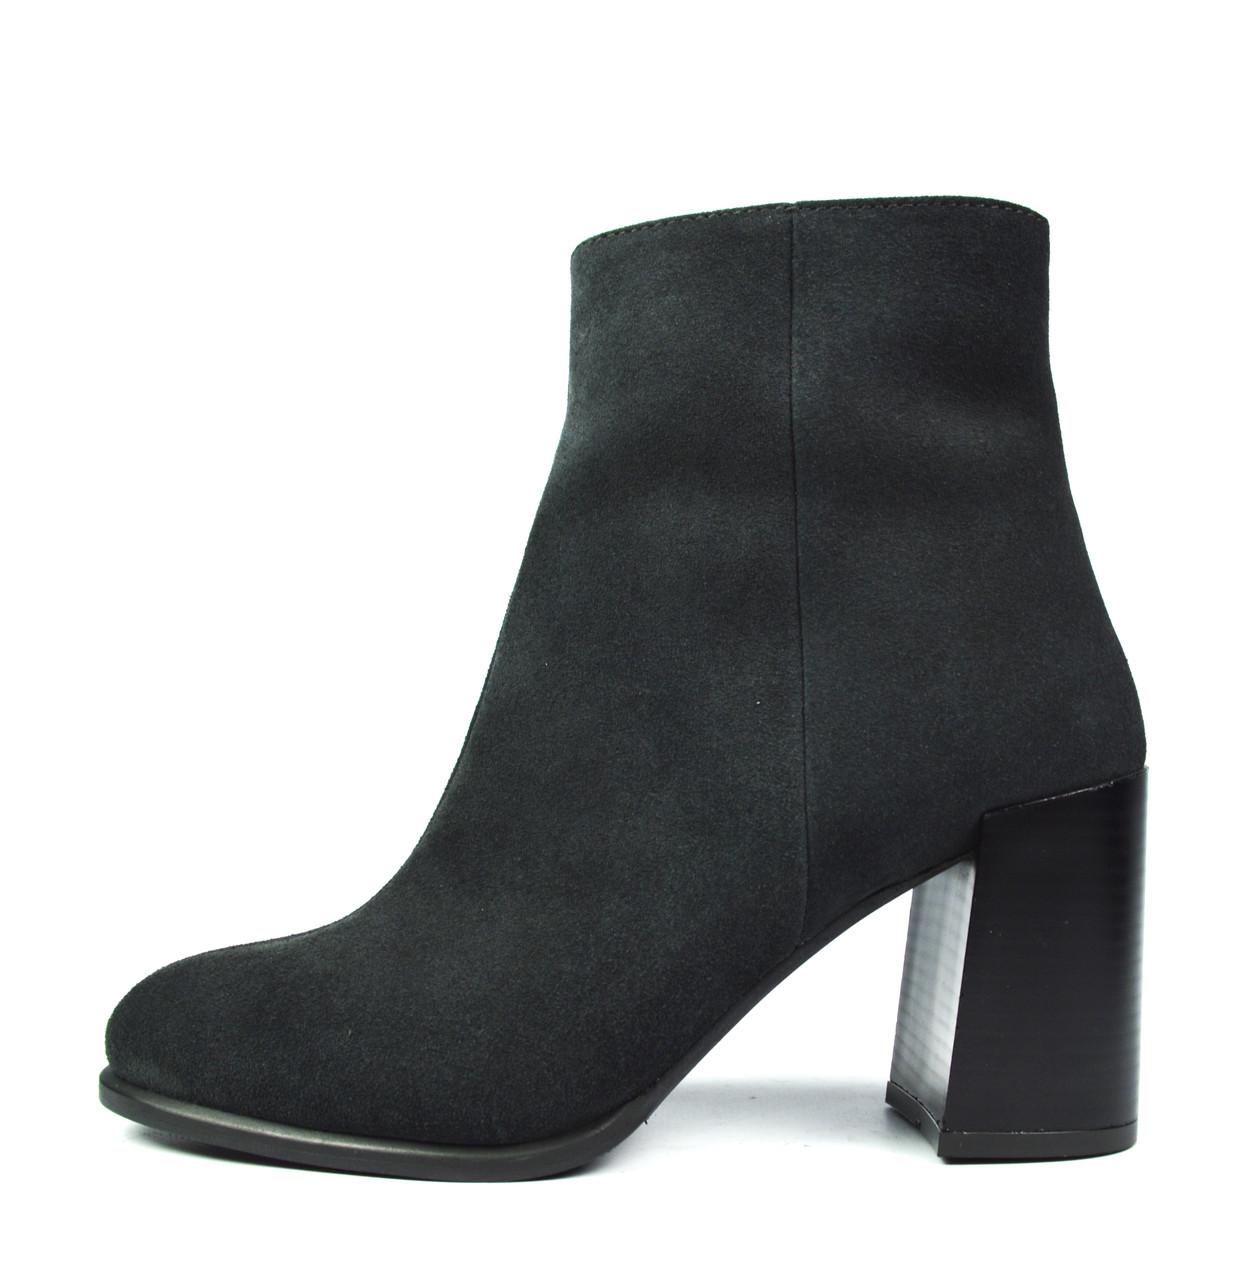 Шикарные темно-серые осенние женские замшевые ботинки ARBI на толстом  каблуке ( новинки весна-осень ) b74d6898d63